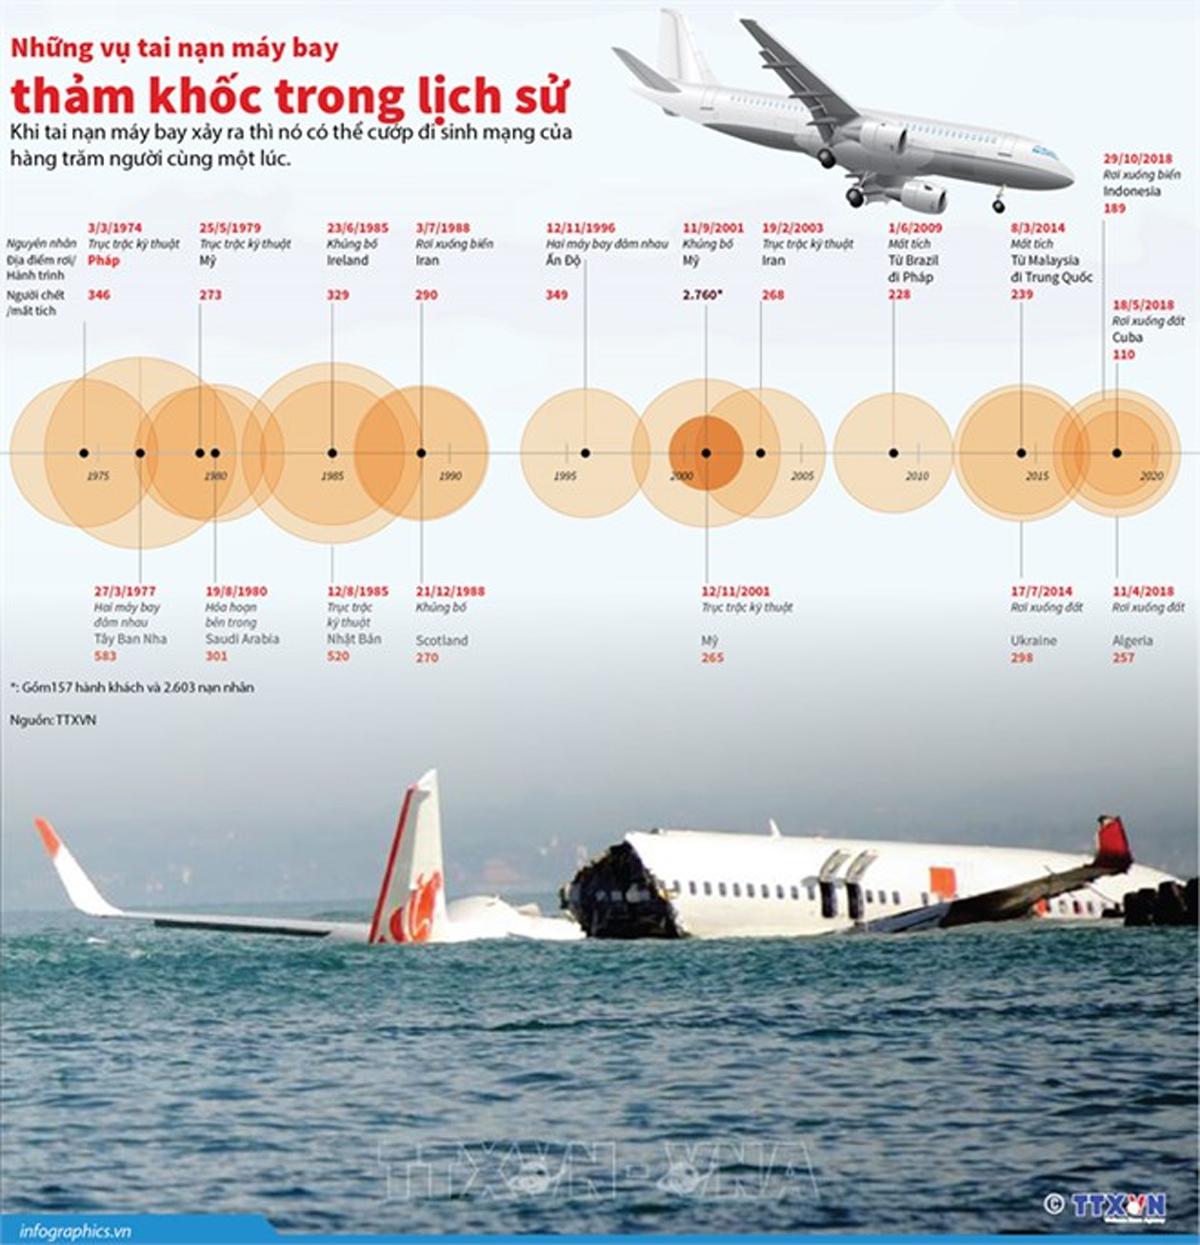 Máy bay, Máy bay rơi, Tai nạn, tai nạn máy bay, tai nạn thảm khốc